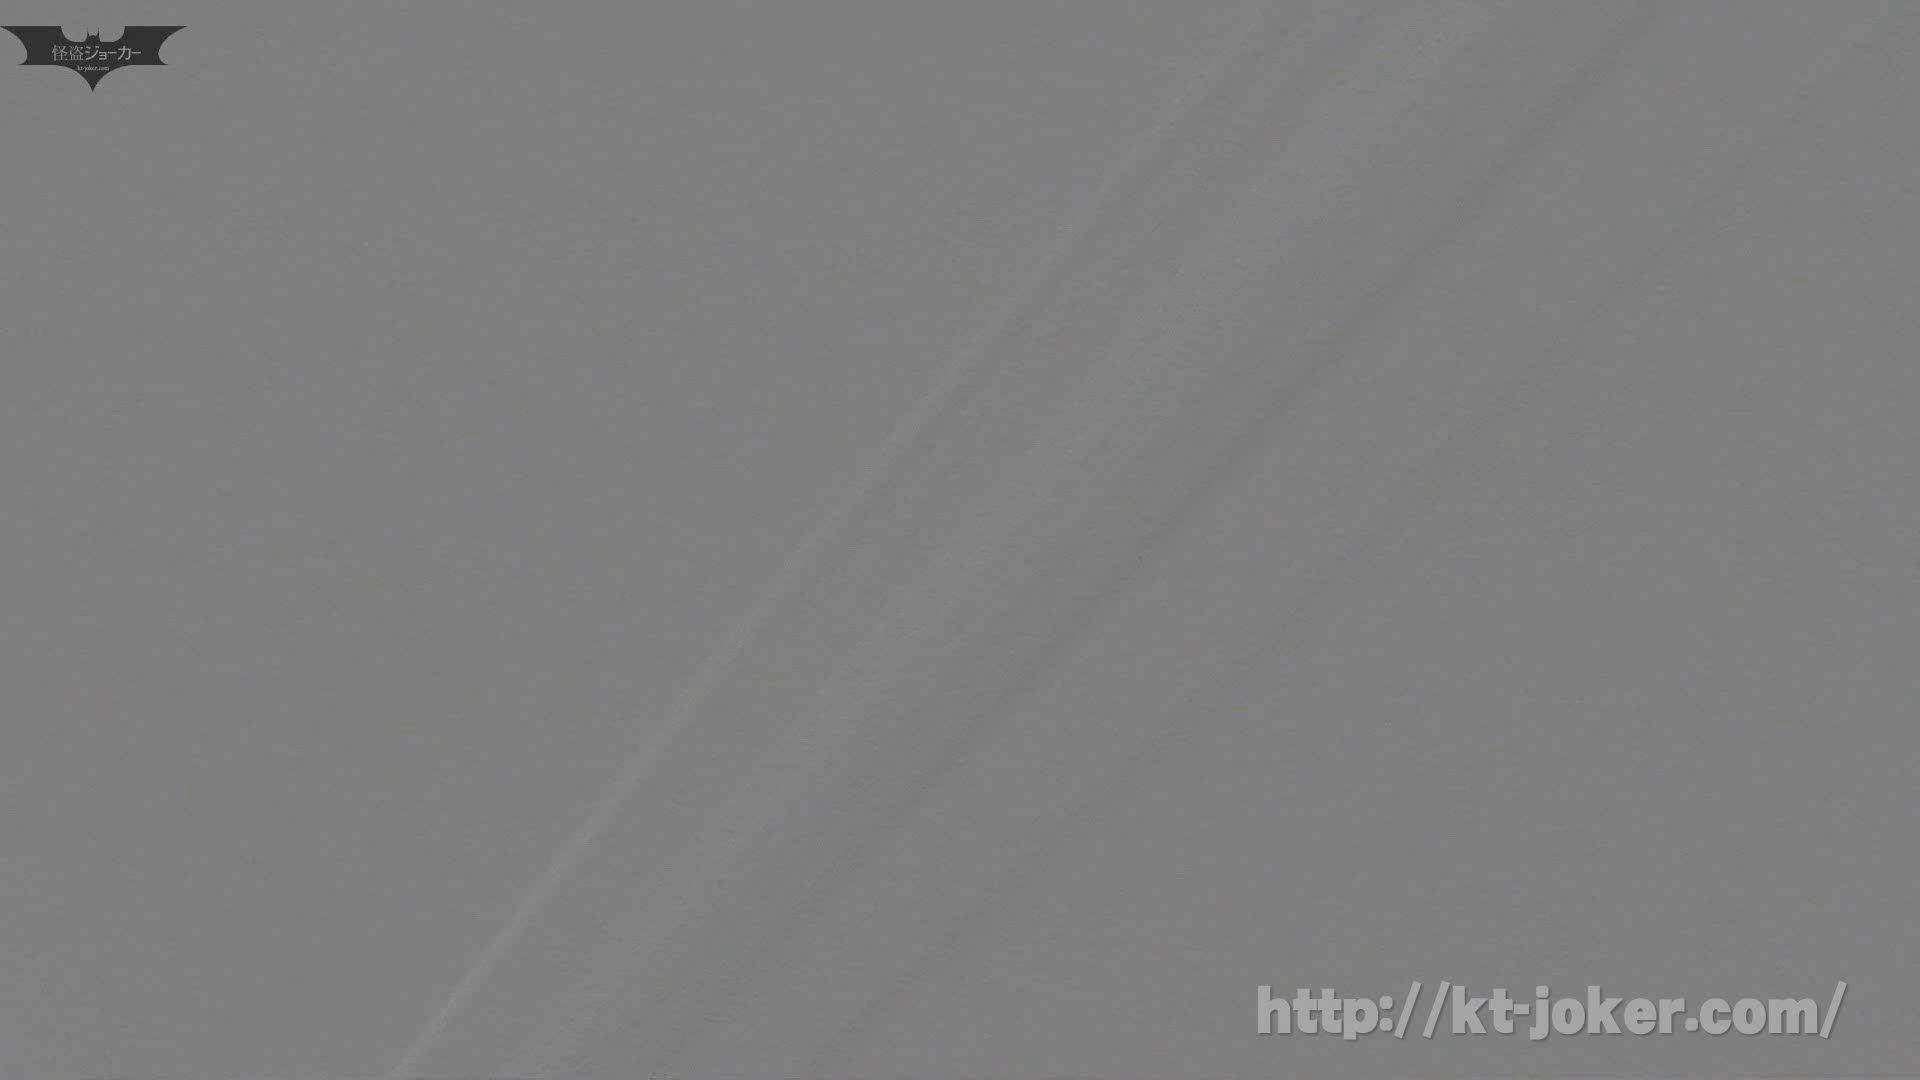 命がけ潜伏洗面所! vol.56 ピンチ!!「鏡の前で祈る女性」にばれる危機 エロティックなOL エロ無料画像 57画像 56